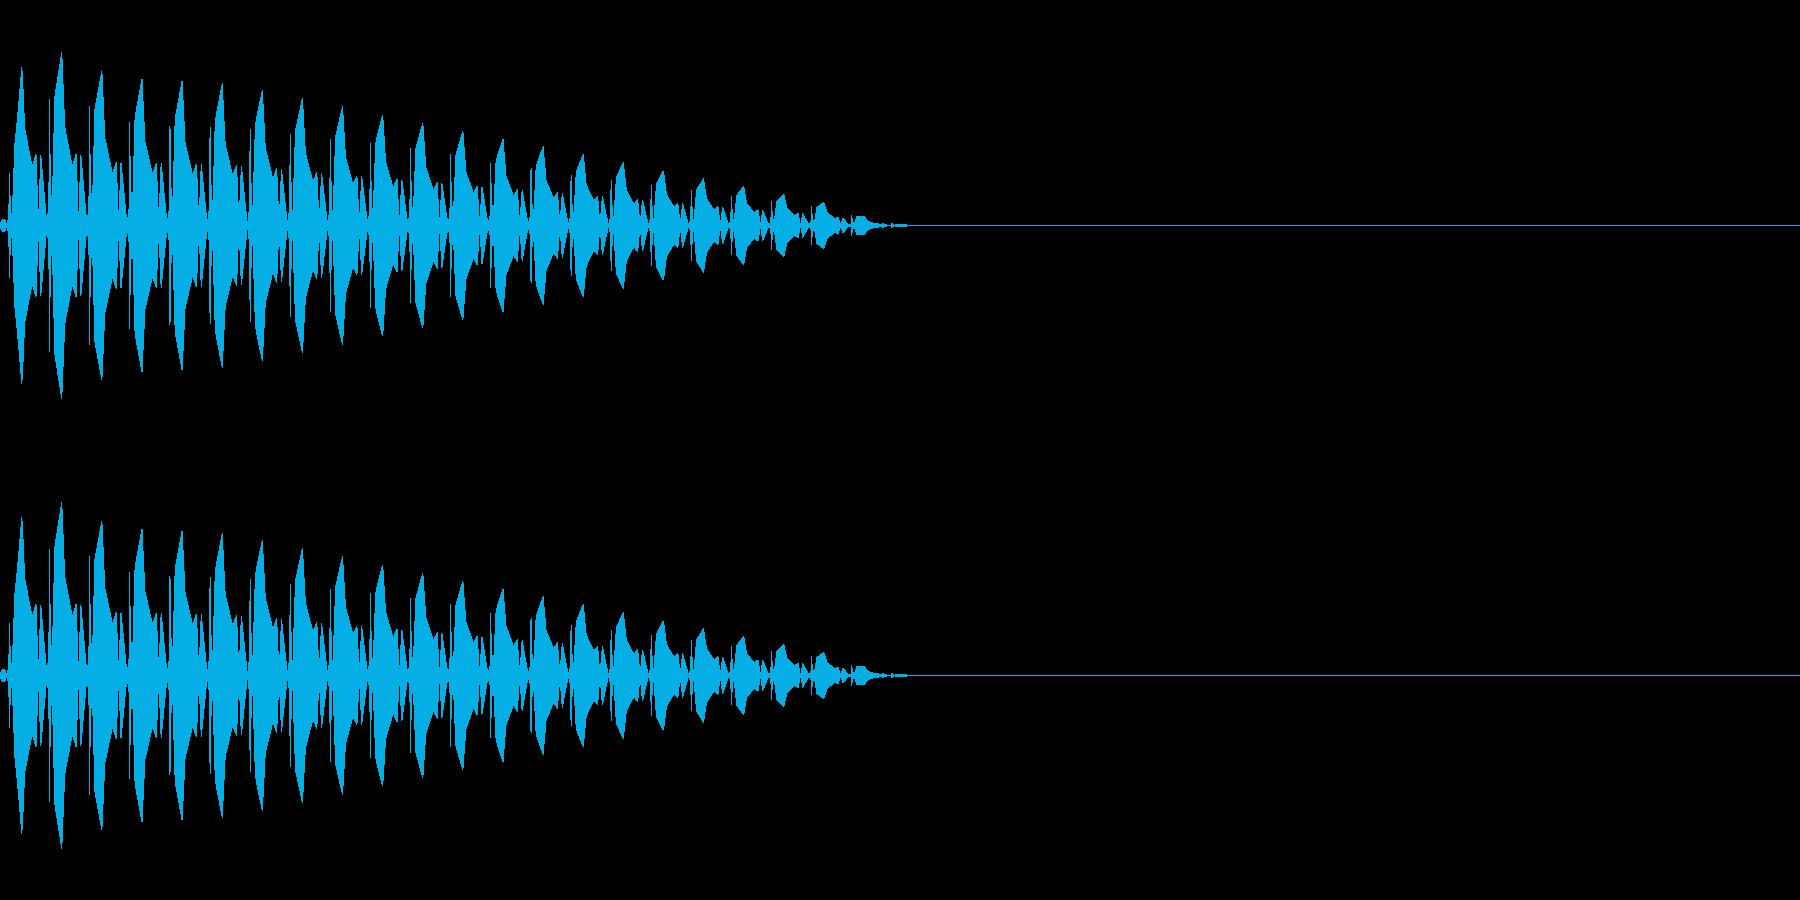 ブッ(キャンセル/選択かわいい/ピコピコの再生済みの波形